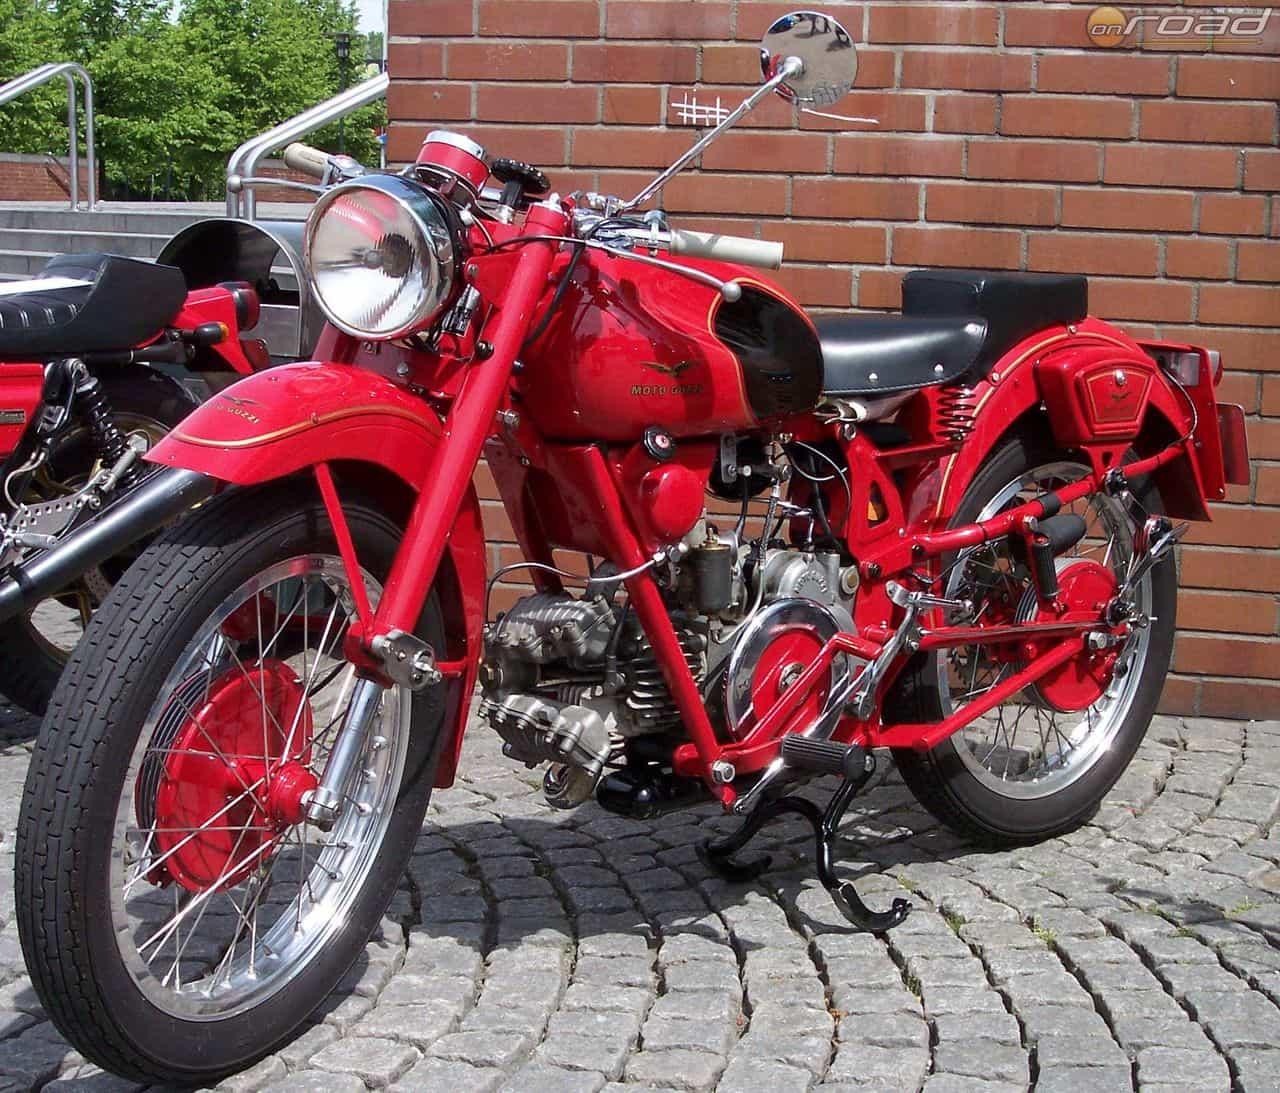 A márka második átütően eredményes értékesítéssel rendelkező gépe a Falcone volt